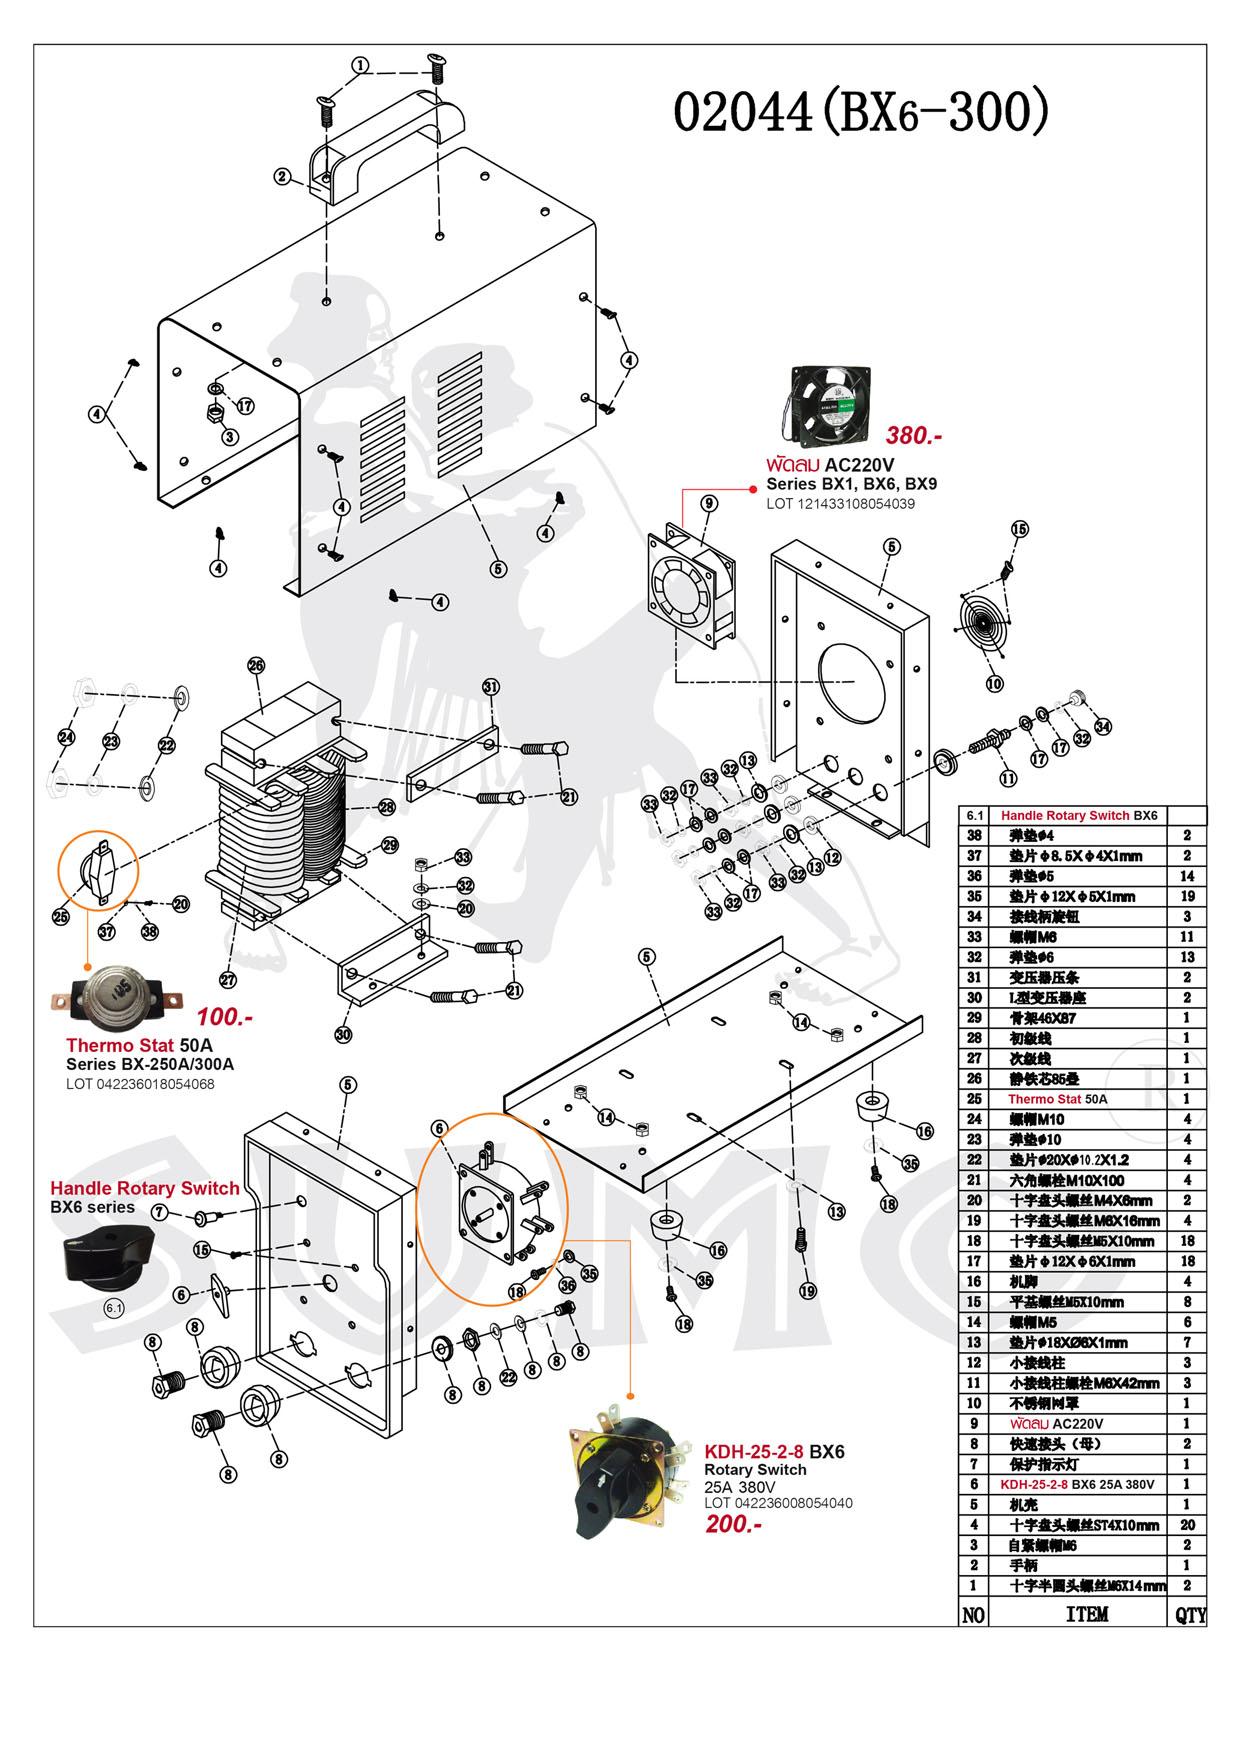 (124/239) เครื่องเชื่อมไฟฟ้า - Welding Machine BX6-200 Series